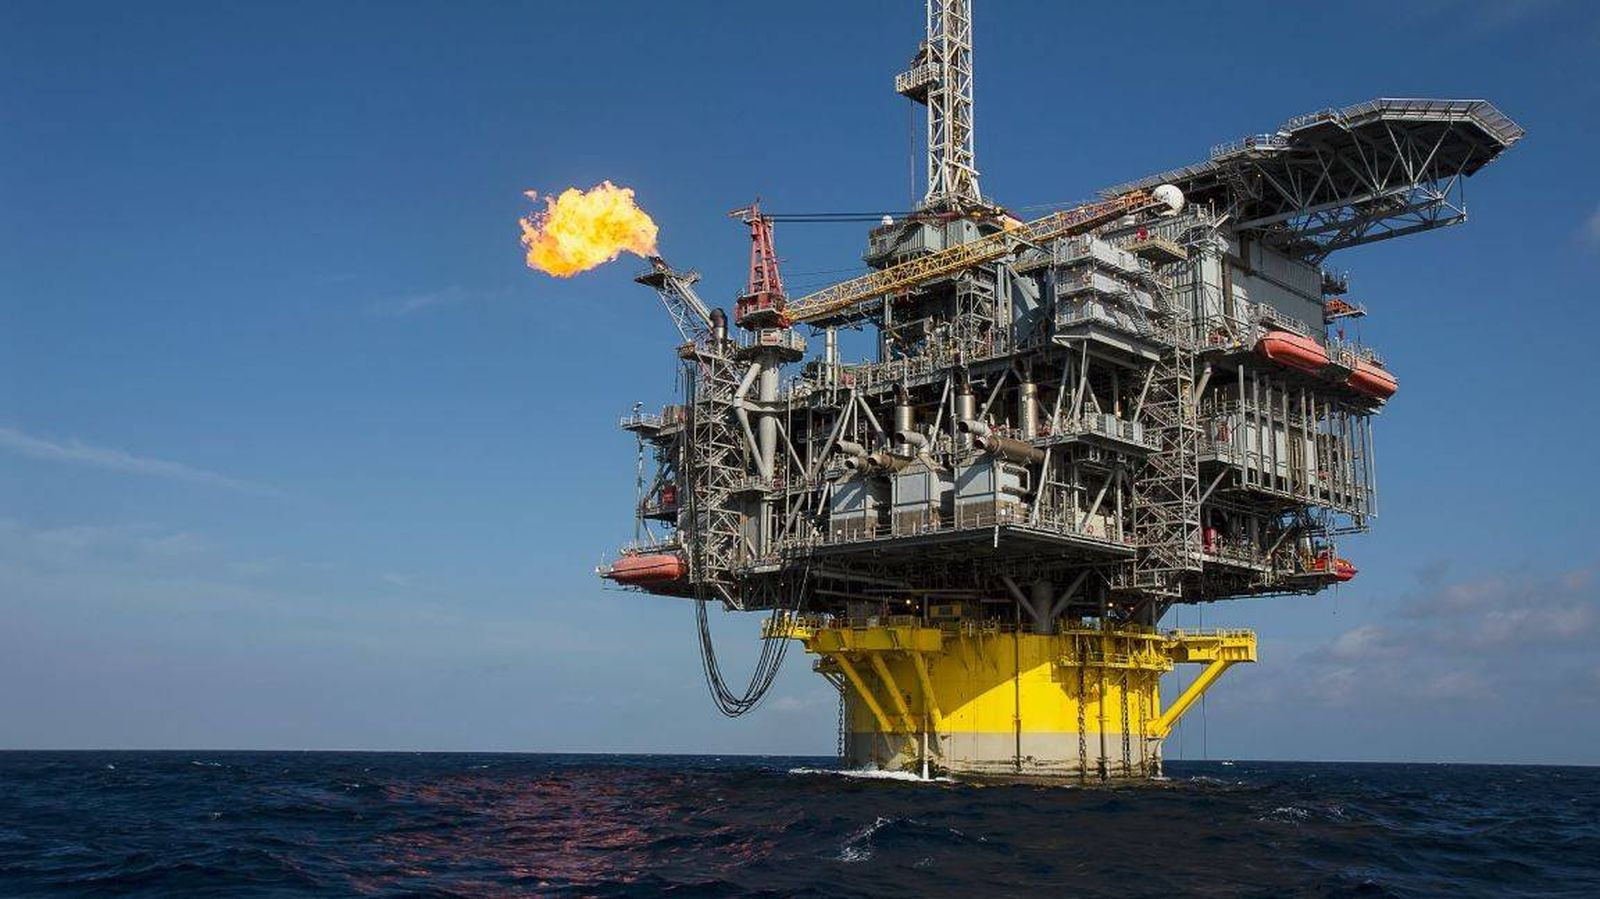 Ingeniería: Ingeniería petrolífera: las mayores plataformas